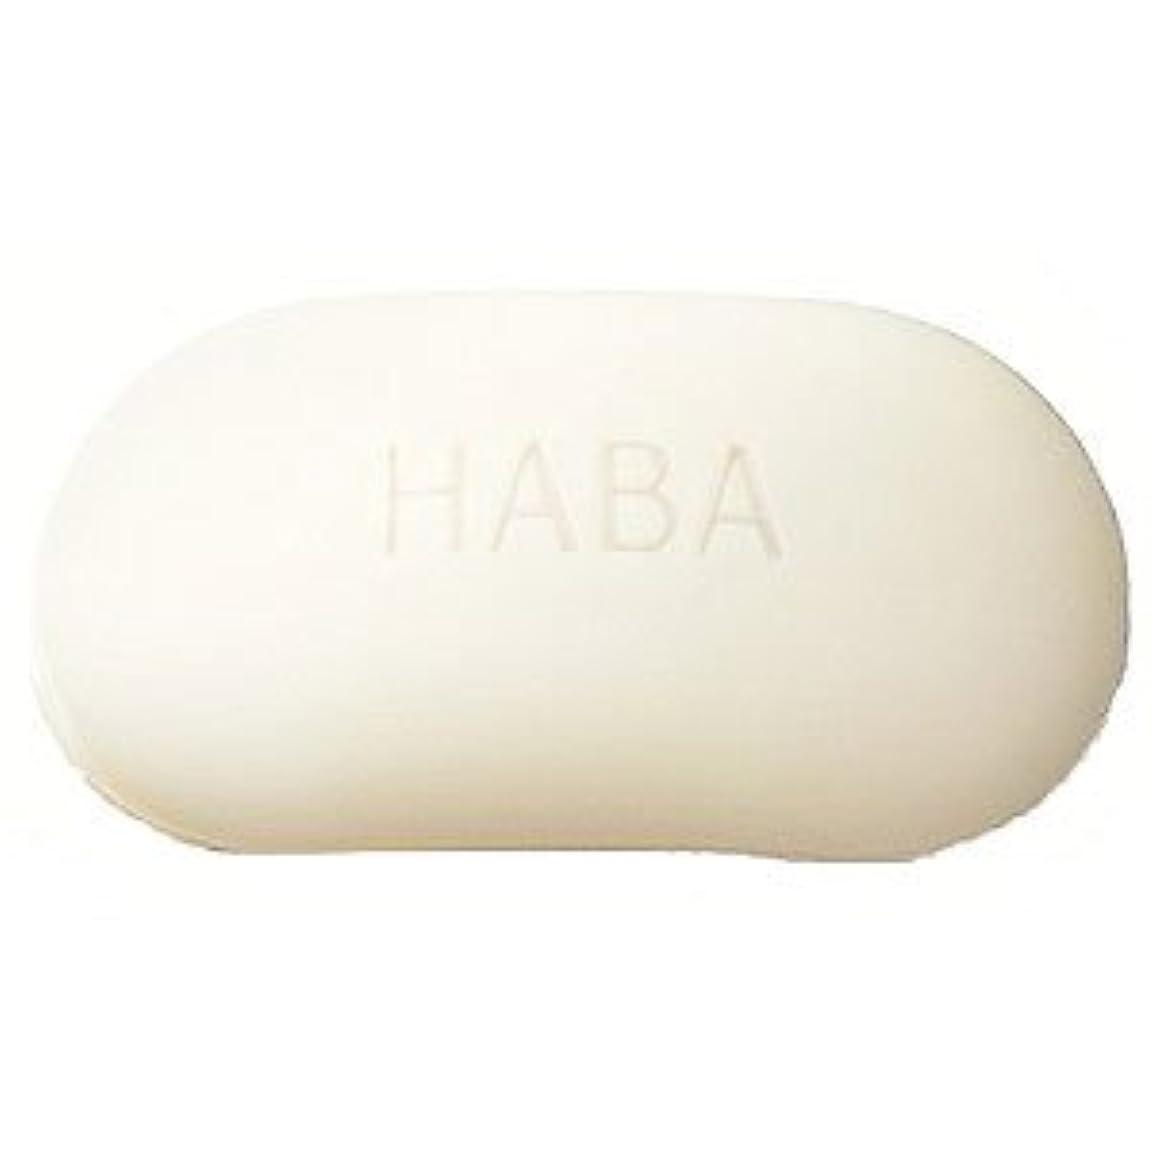 処理まっすぐ未払いHABA 絹泡石けん 2個組<HABA/ハーバー(ハーバー研究所)>